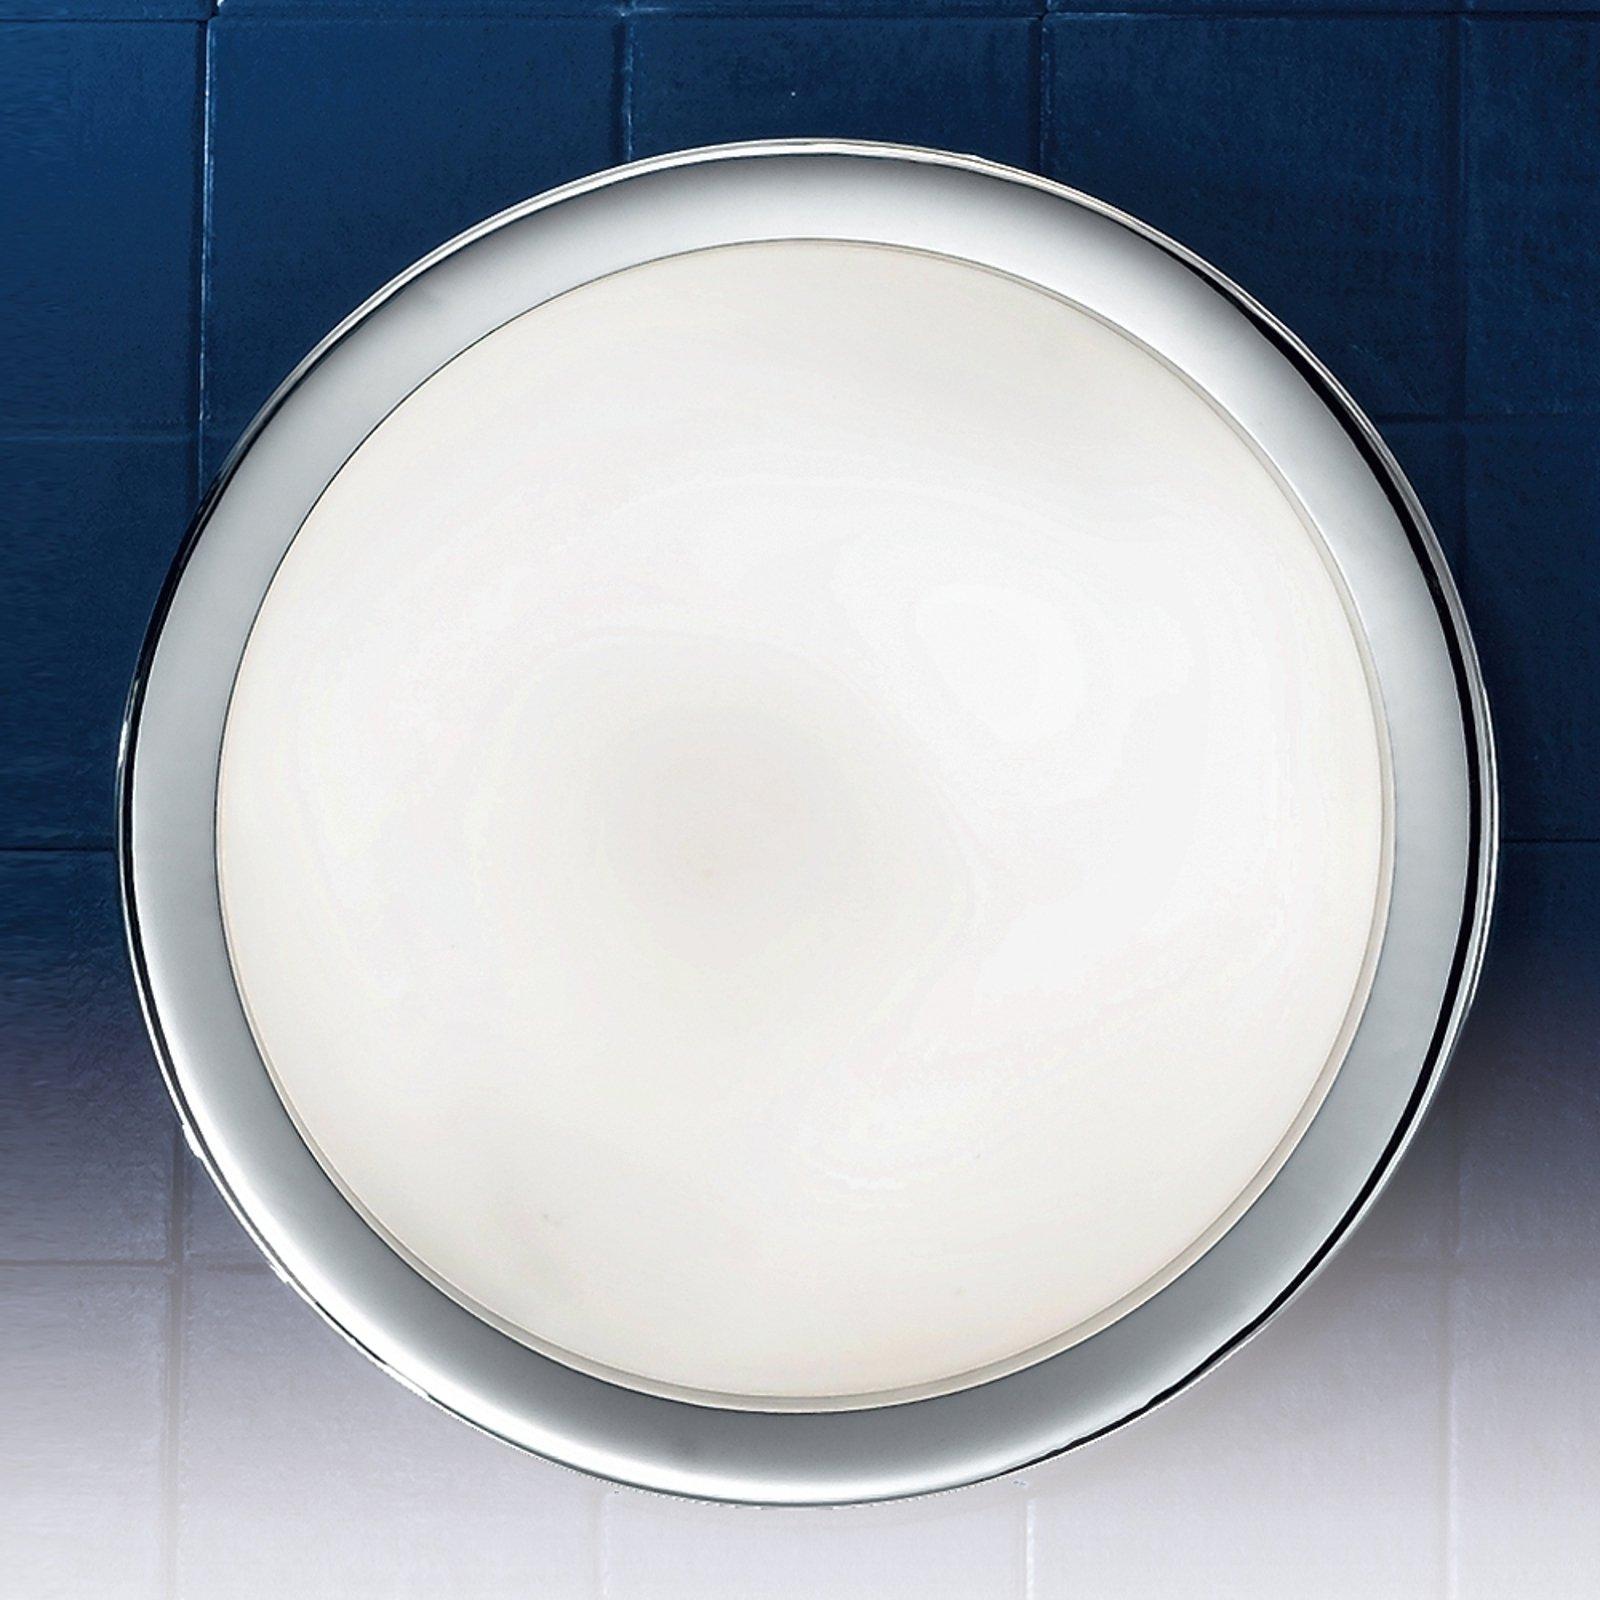 Diskret MINEA taklampe Ø 32 cm i krom